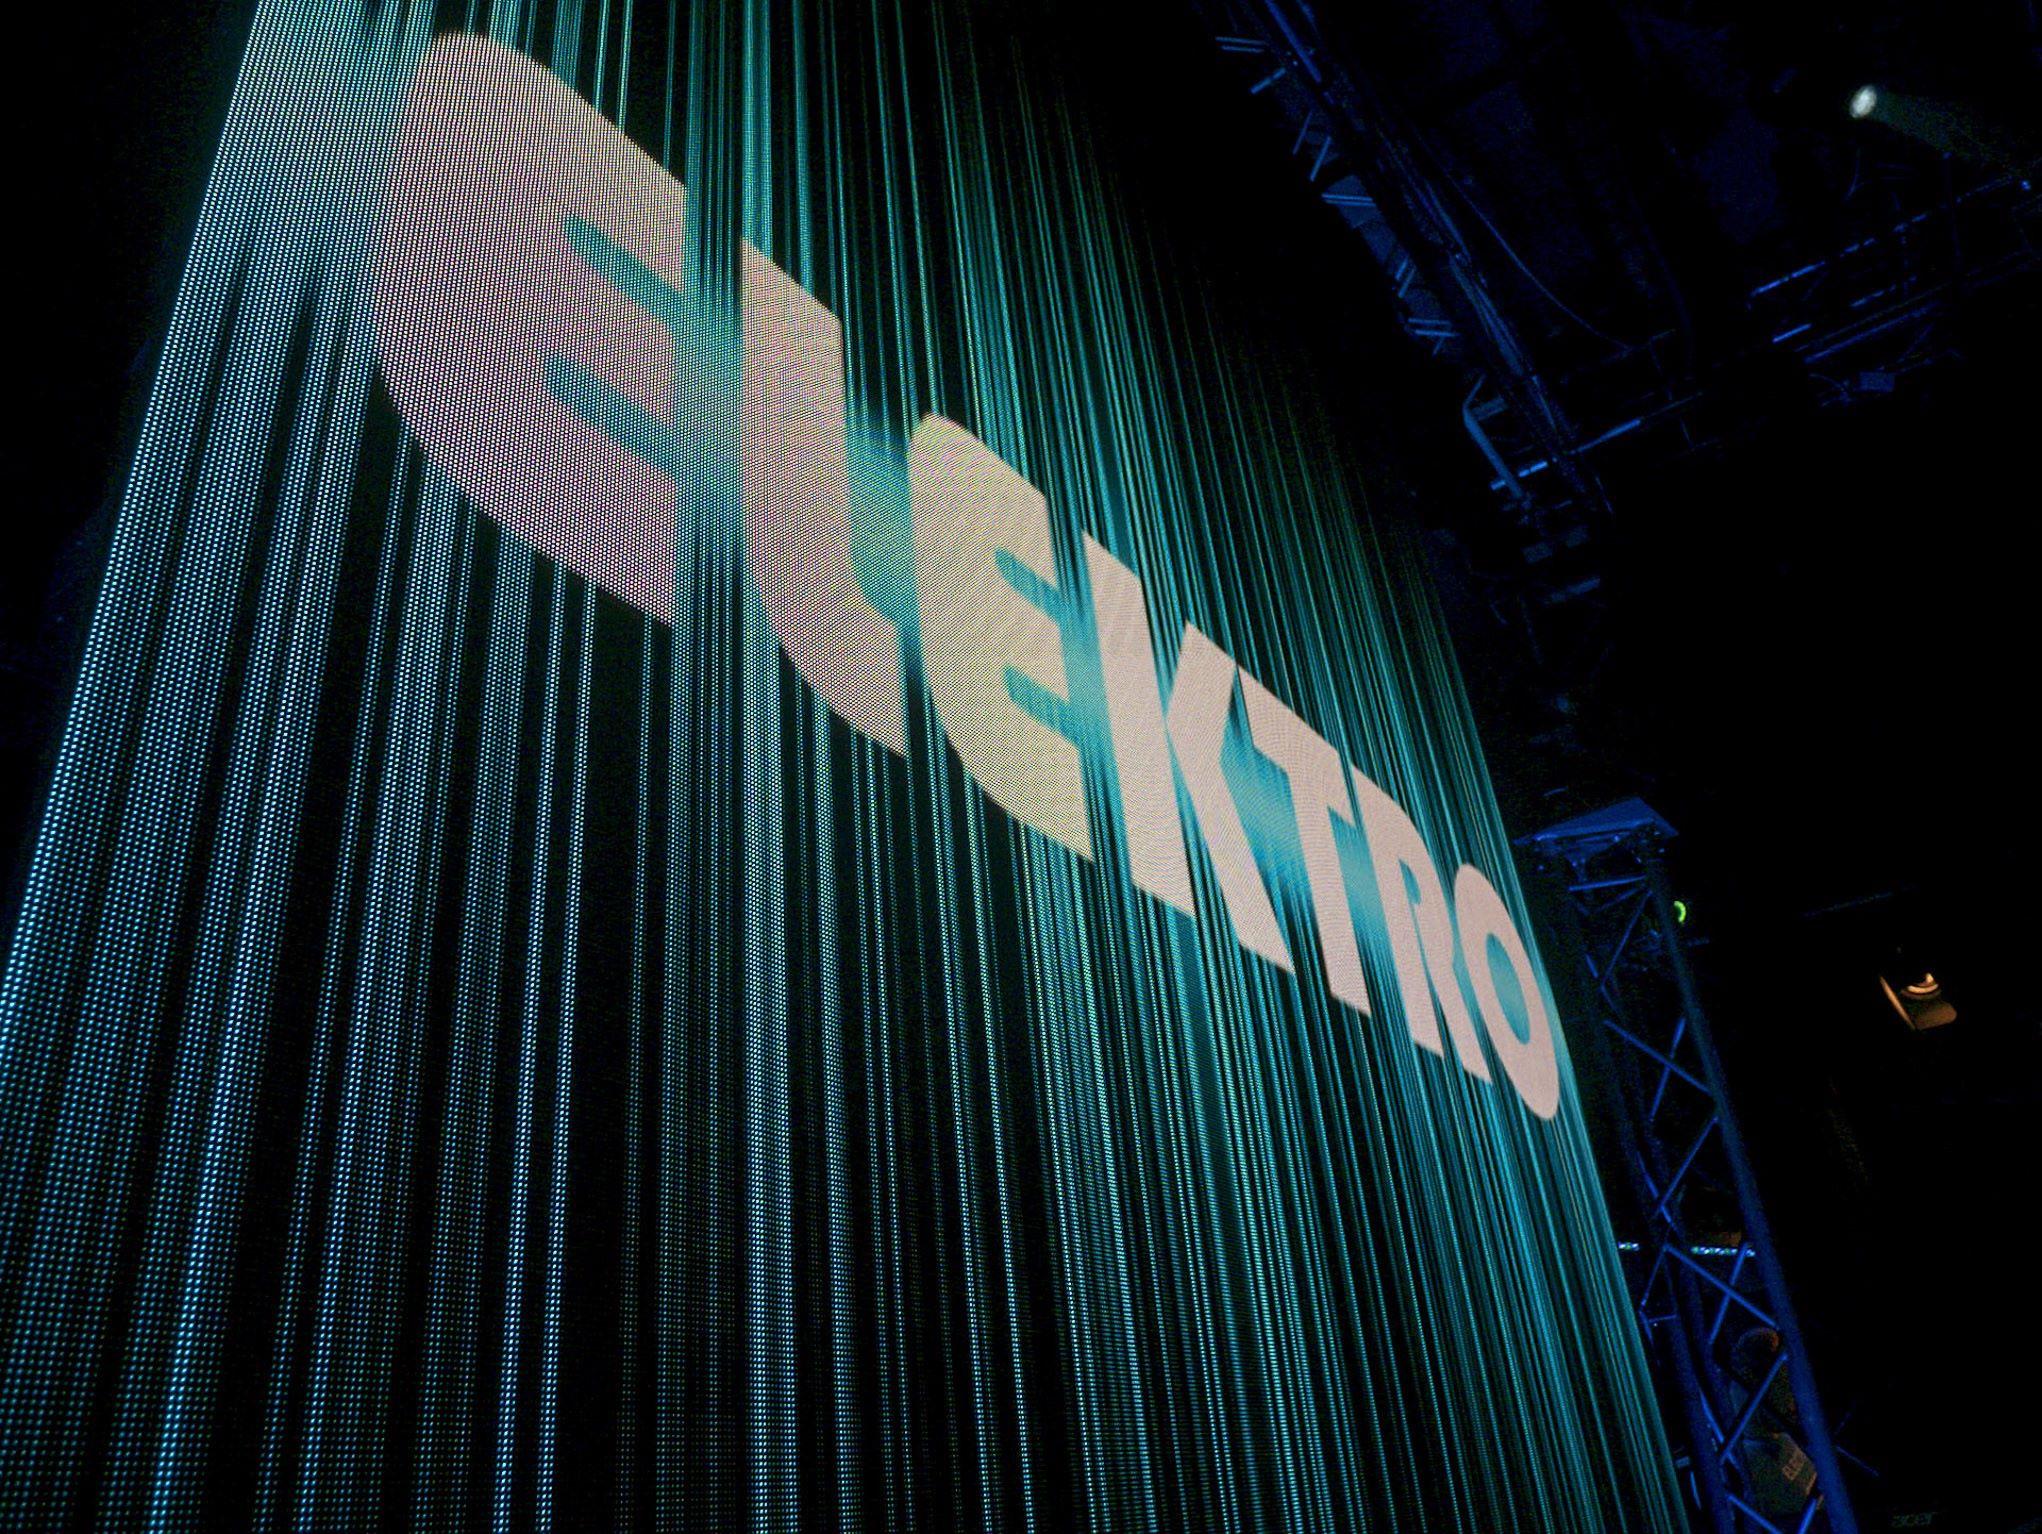 ELEKTRO. Der zentrale, riesige Bildschirm auf der Bühne in exklusiver Nahaufnahme.